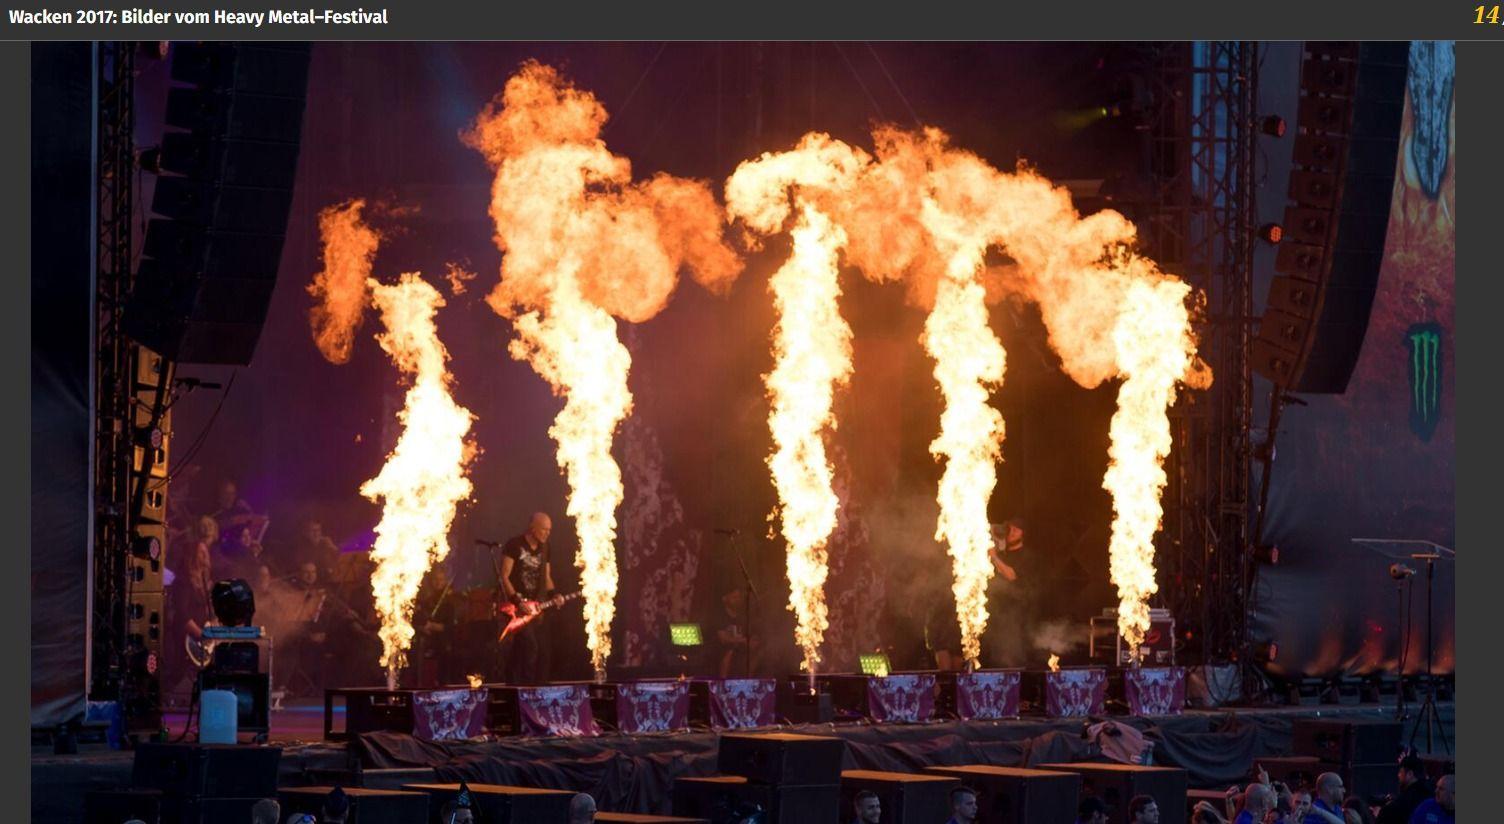 Wacken 2017 Bilder vom Heavy Metal–Festival(3)